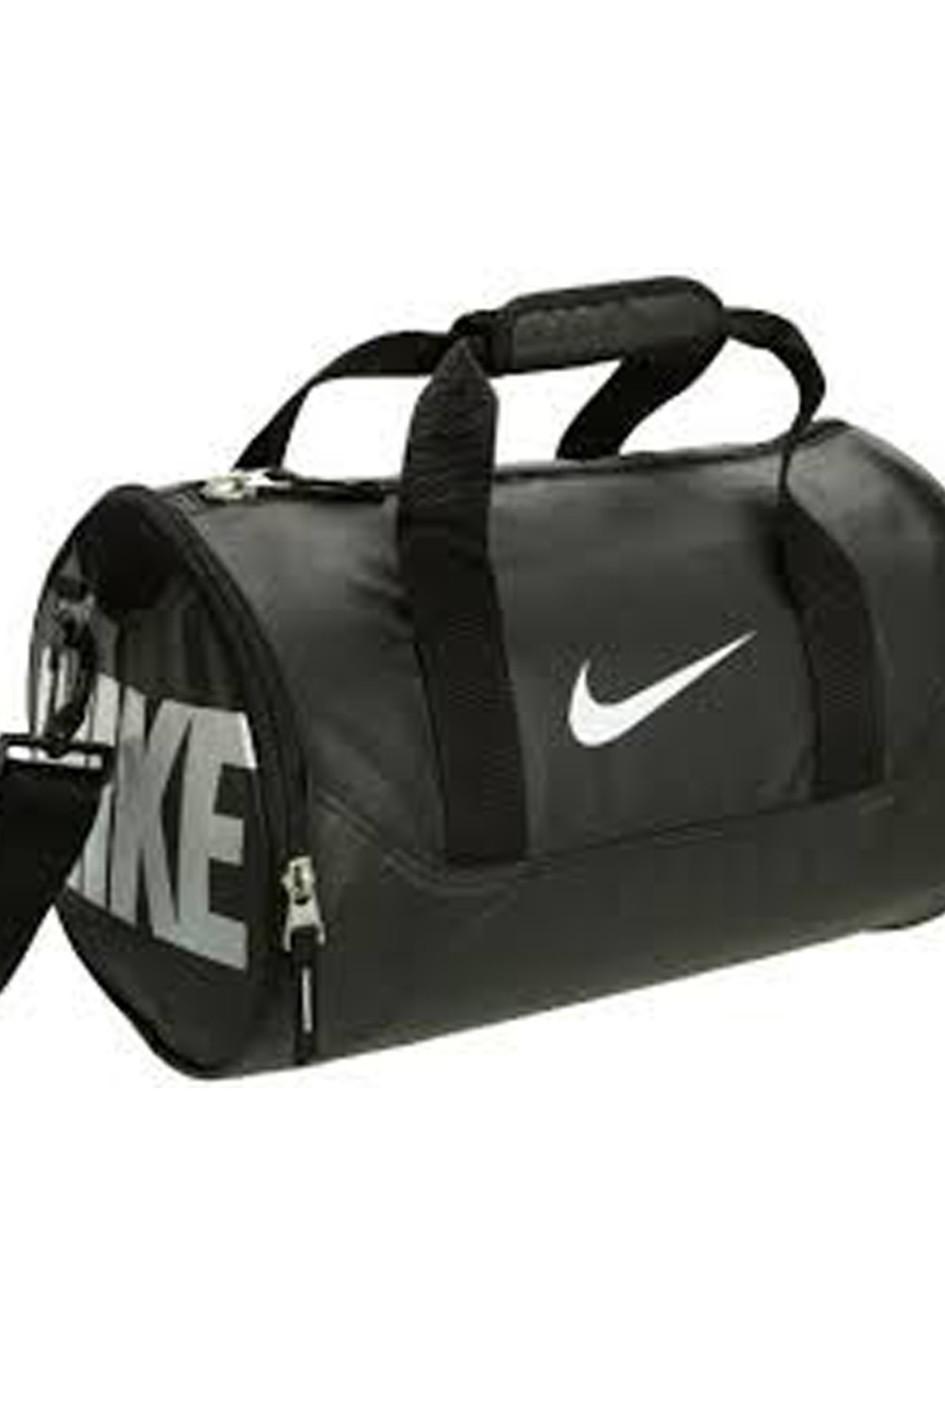 Bolsa Bolsa Sport Ba4516Covadonga Sport Nike Ba4516Covadonga Nike Bolsa Nike Ba4516Covadonga j43AR5qL